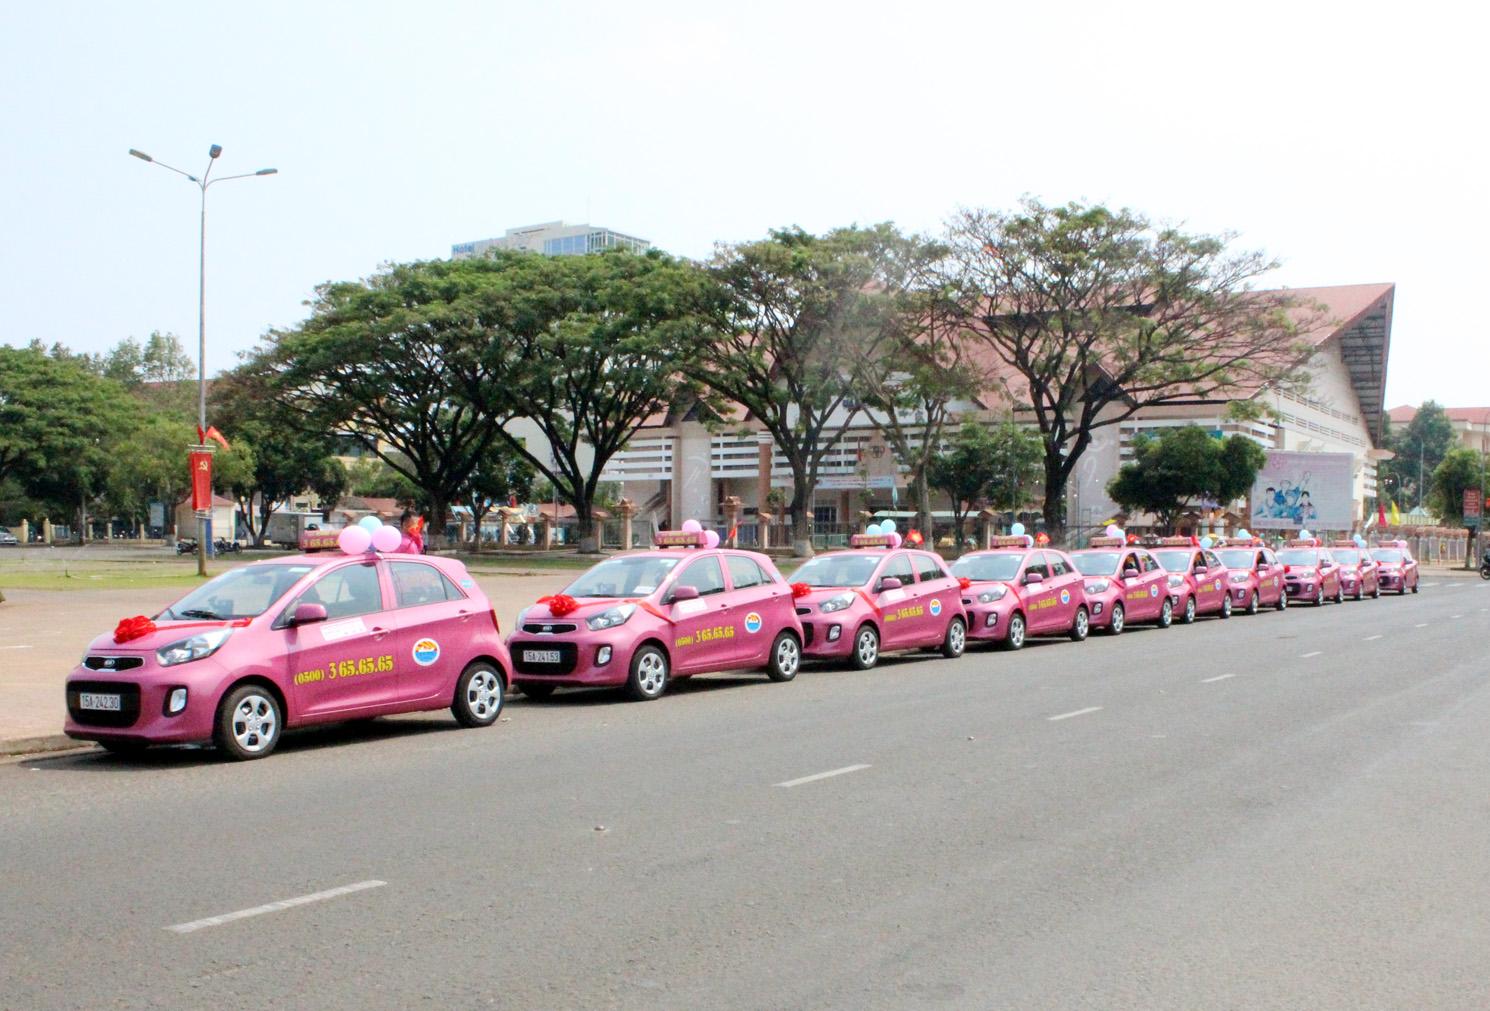 quảng cáo trên xe taxi Hoàng anh tại Hải Phòng